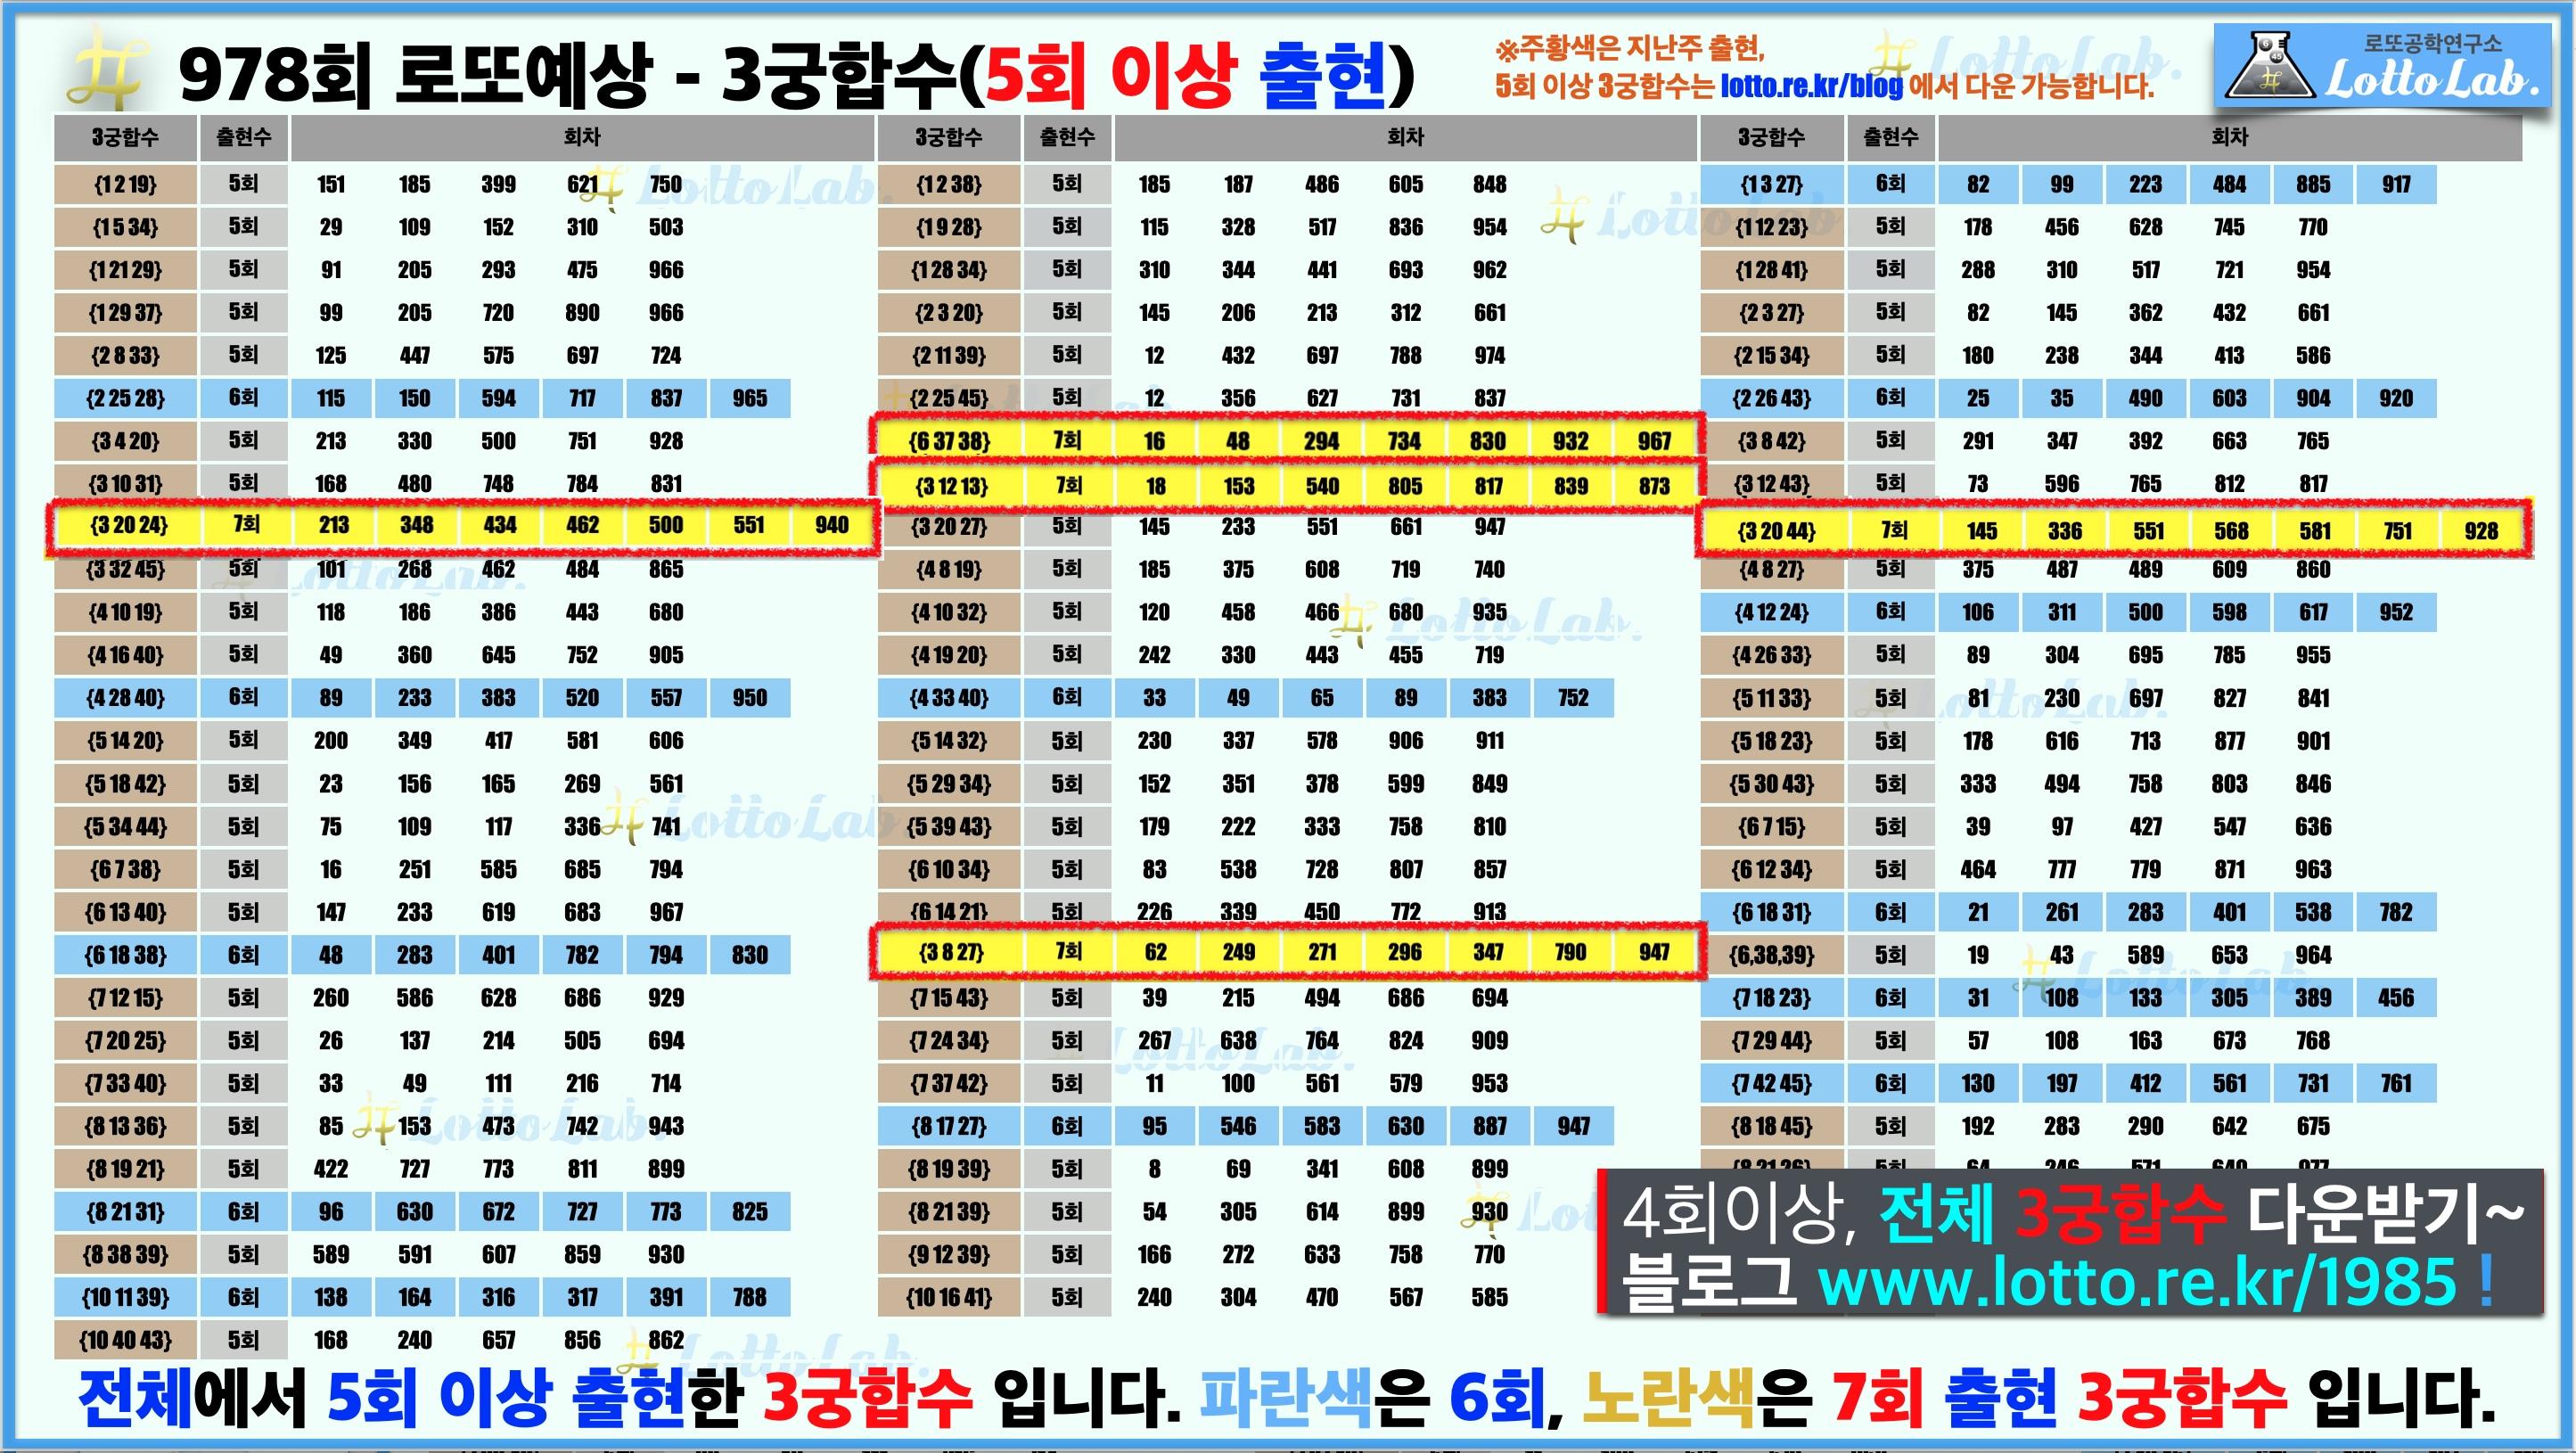 로또랩 로또978 당첨 번호 예상 - 3궁합수1